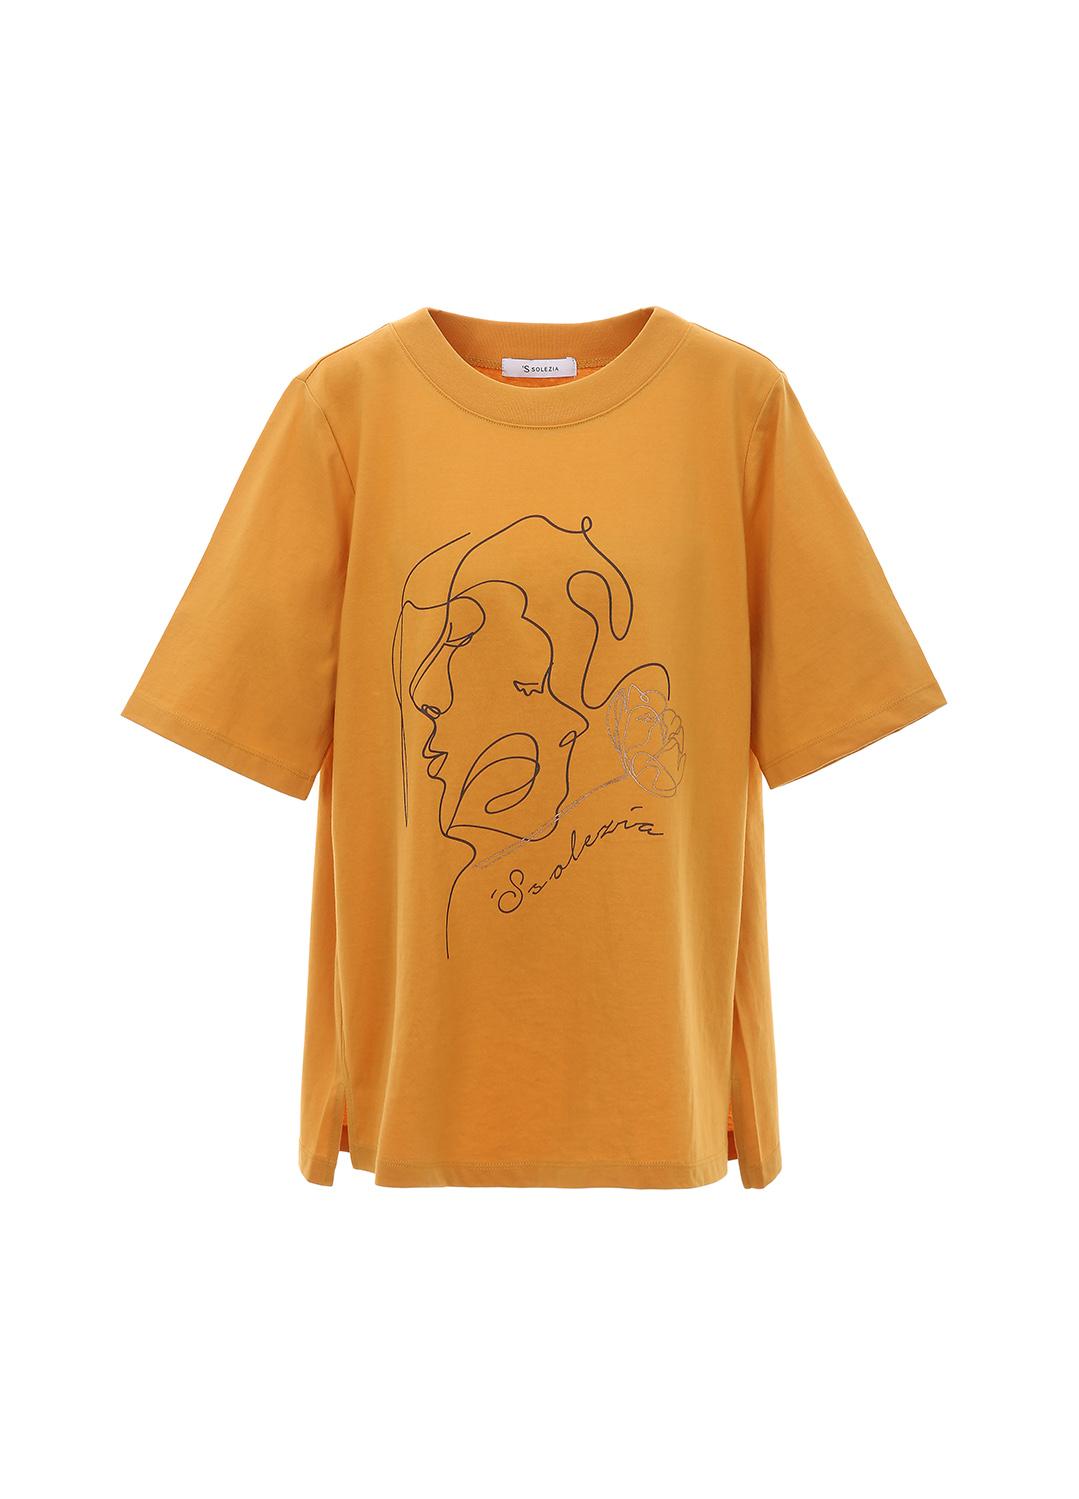 페이스 드로잉 프린트 반팔 티셔츠